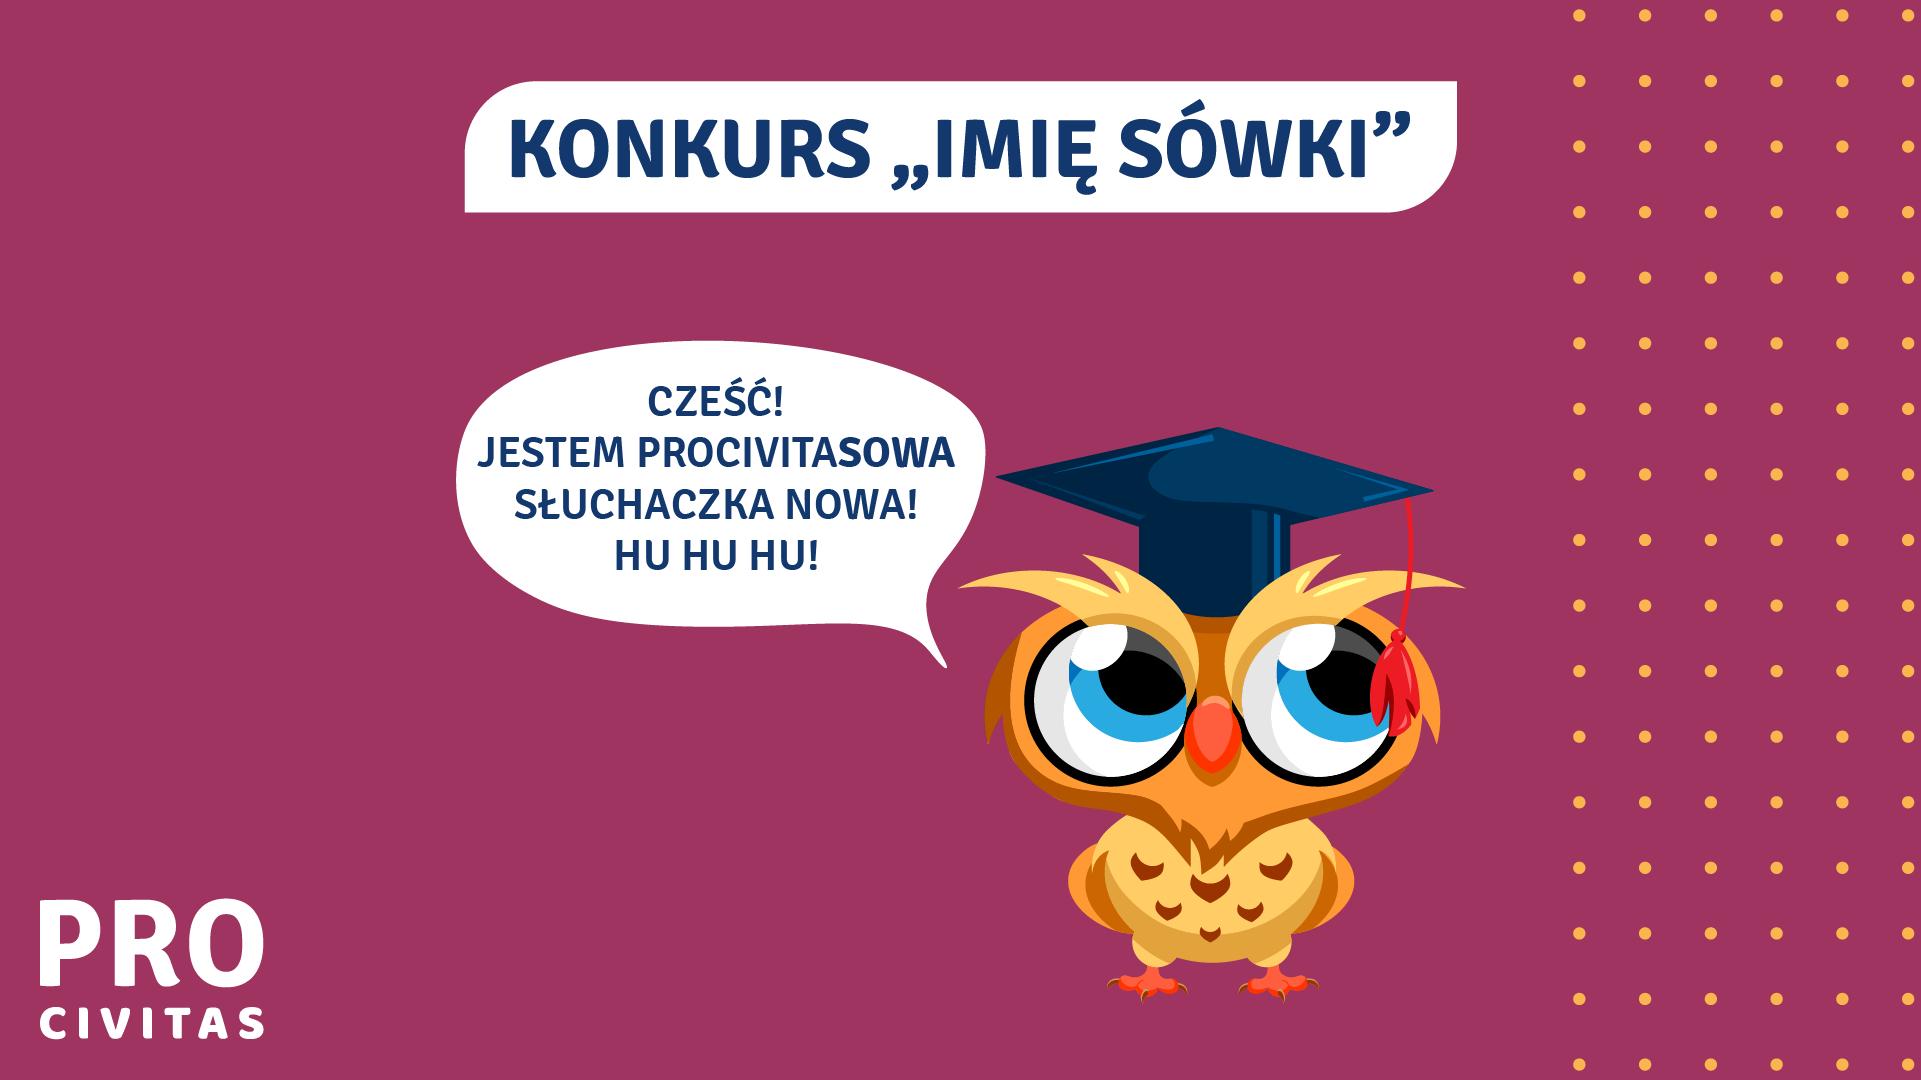 """Konkurs """"Imię sówki"""" - wygraj nagrody o wartości 800 zł - PRO Civitas"""